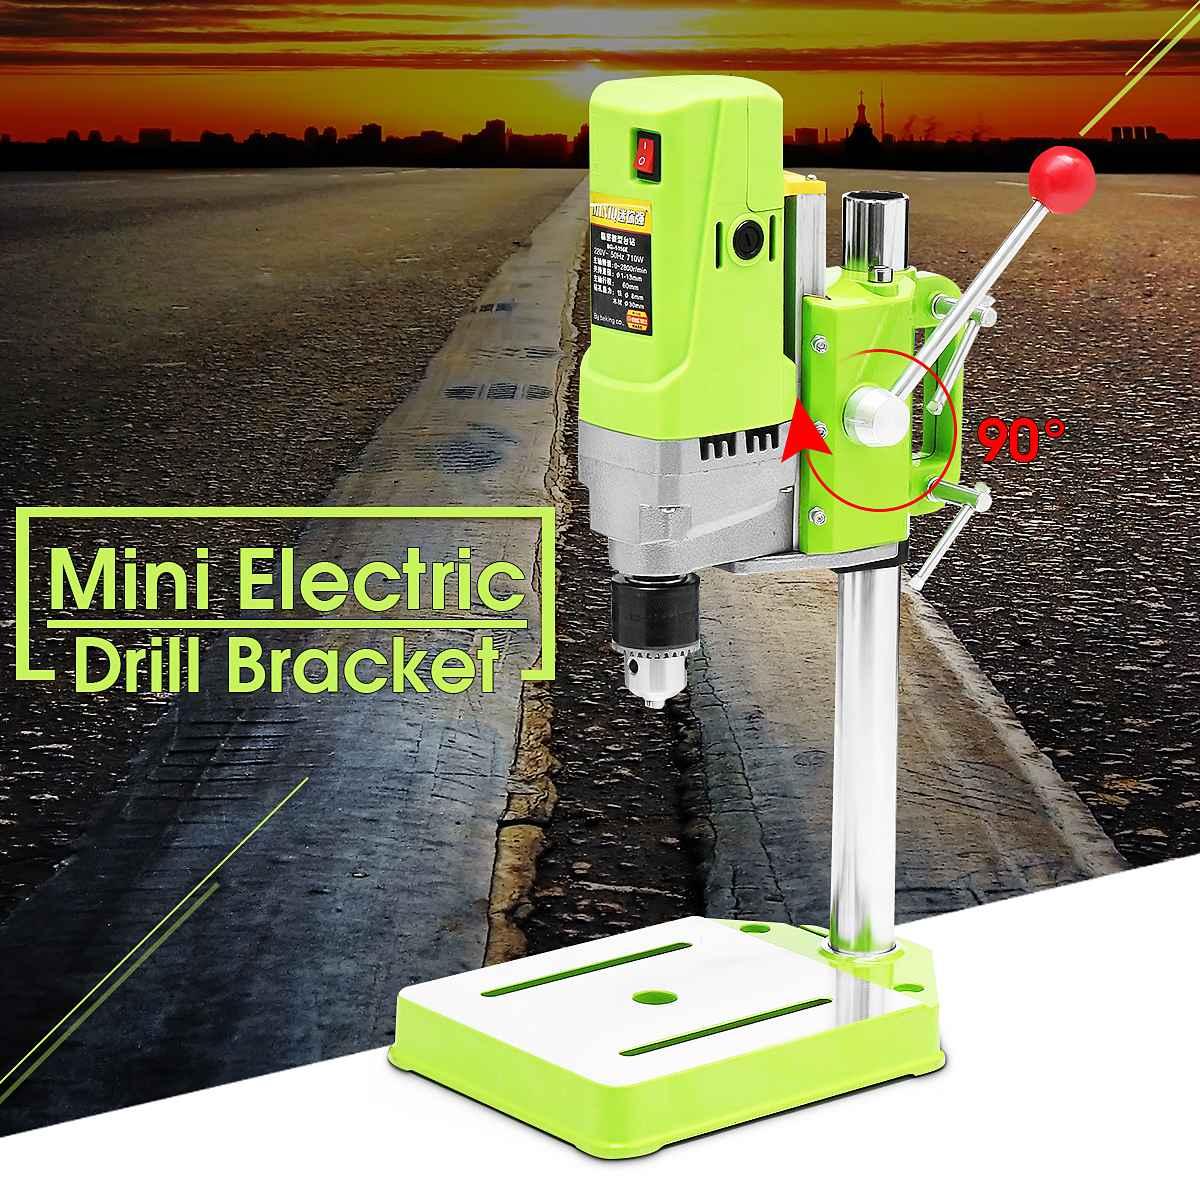 710 W BG-5156E Mini Trapano Da Banco Del Basamento Panchina Elettrica Macchina di Perforazione A Velocità Variabile di Perforazione Mandrino 1-13 millimetri Per FAI DA TE In Legno Metallo